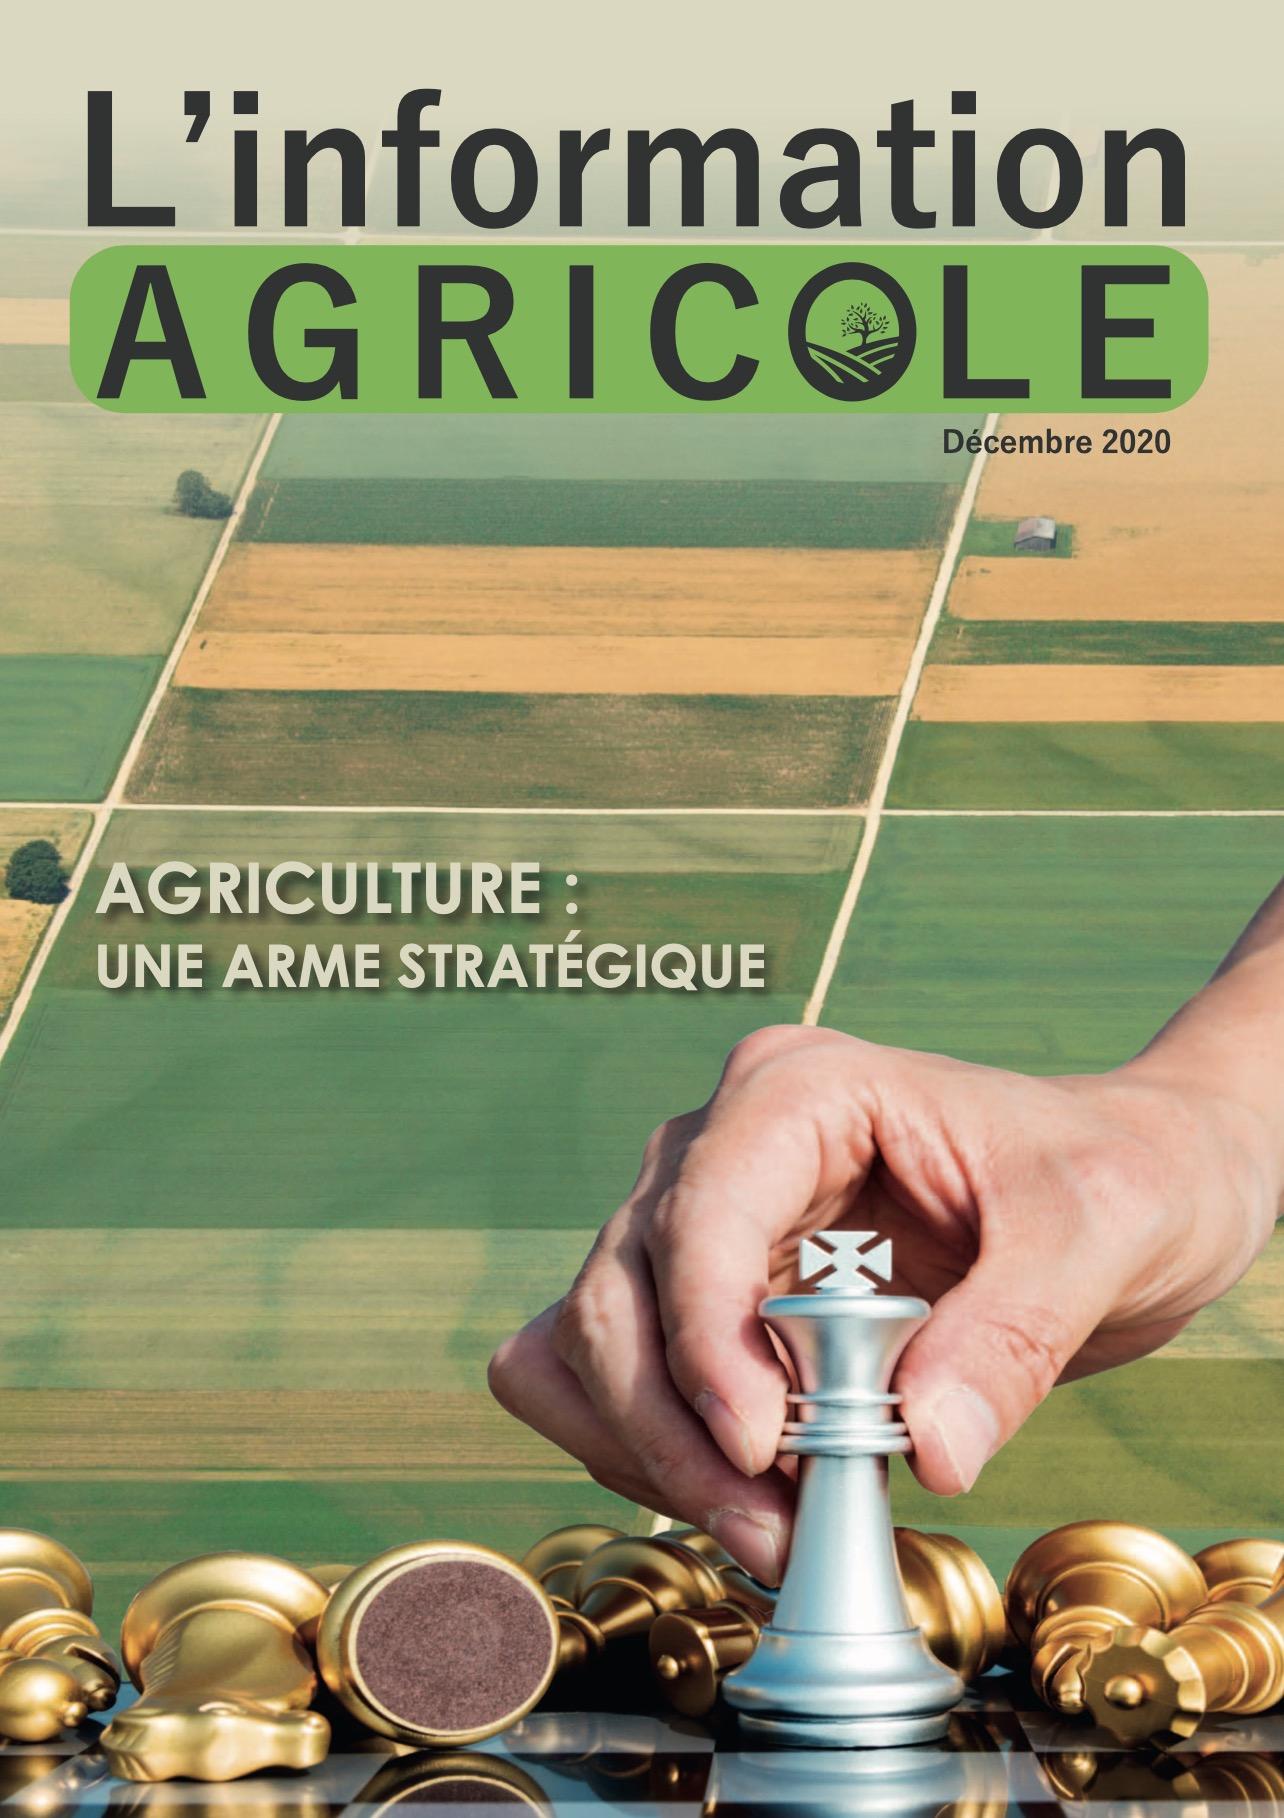 L'Information Agricole – Décembre 2020